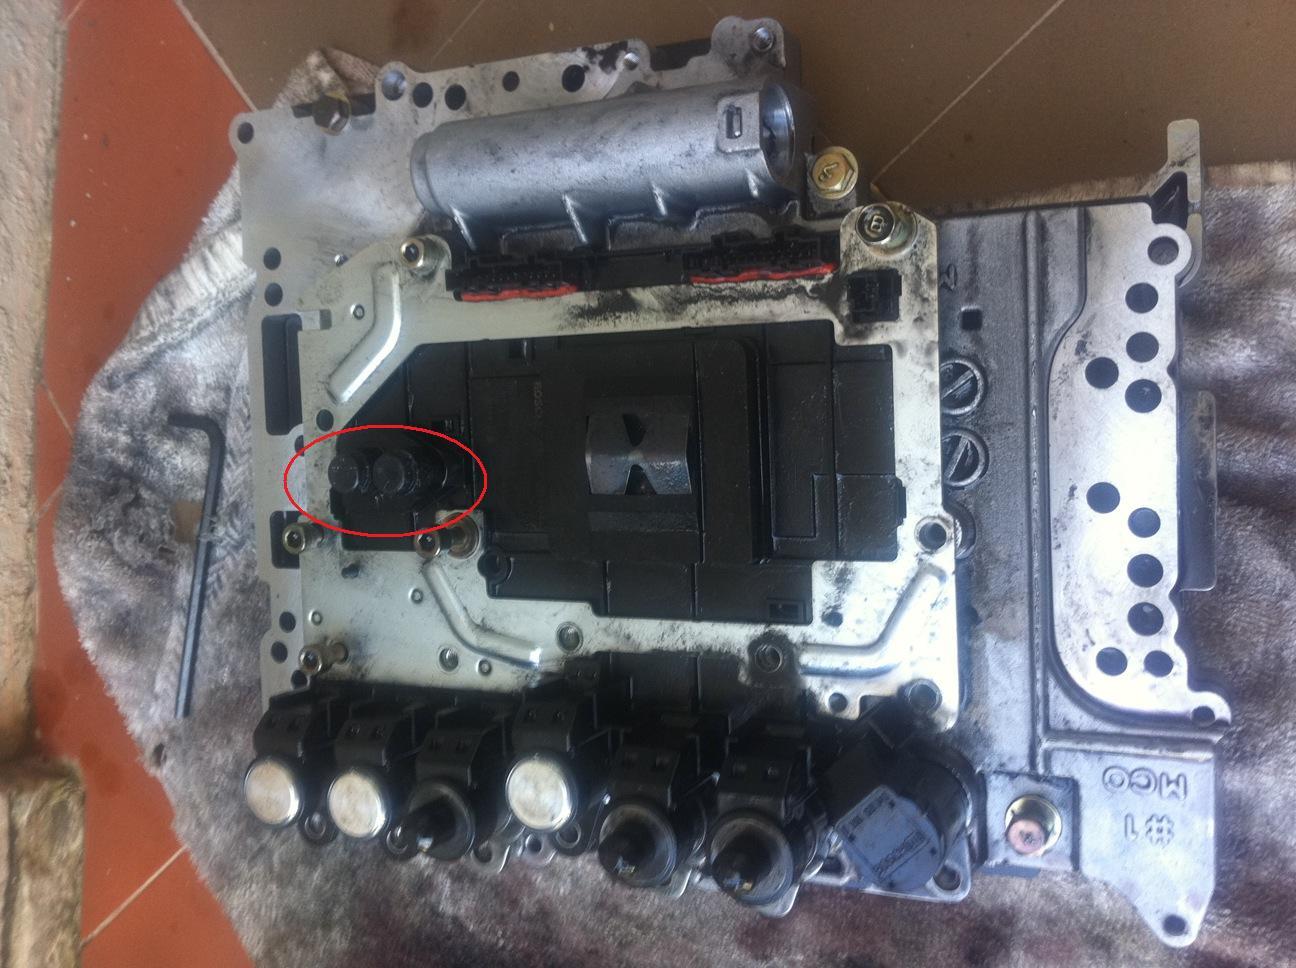 Transmission slipping photo 7 jpg